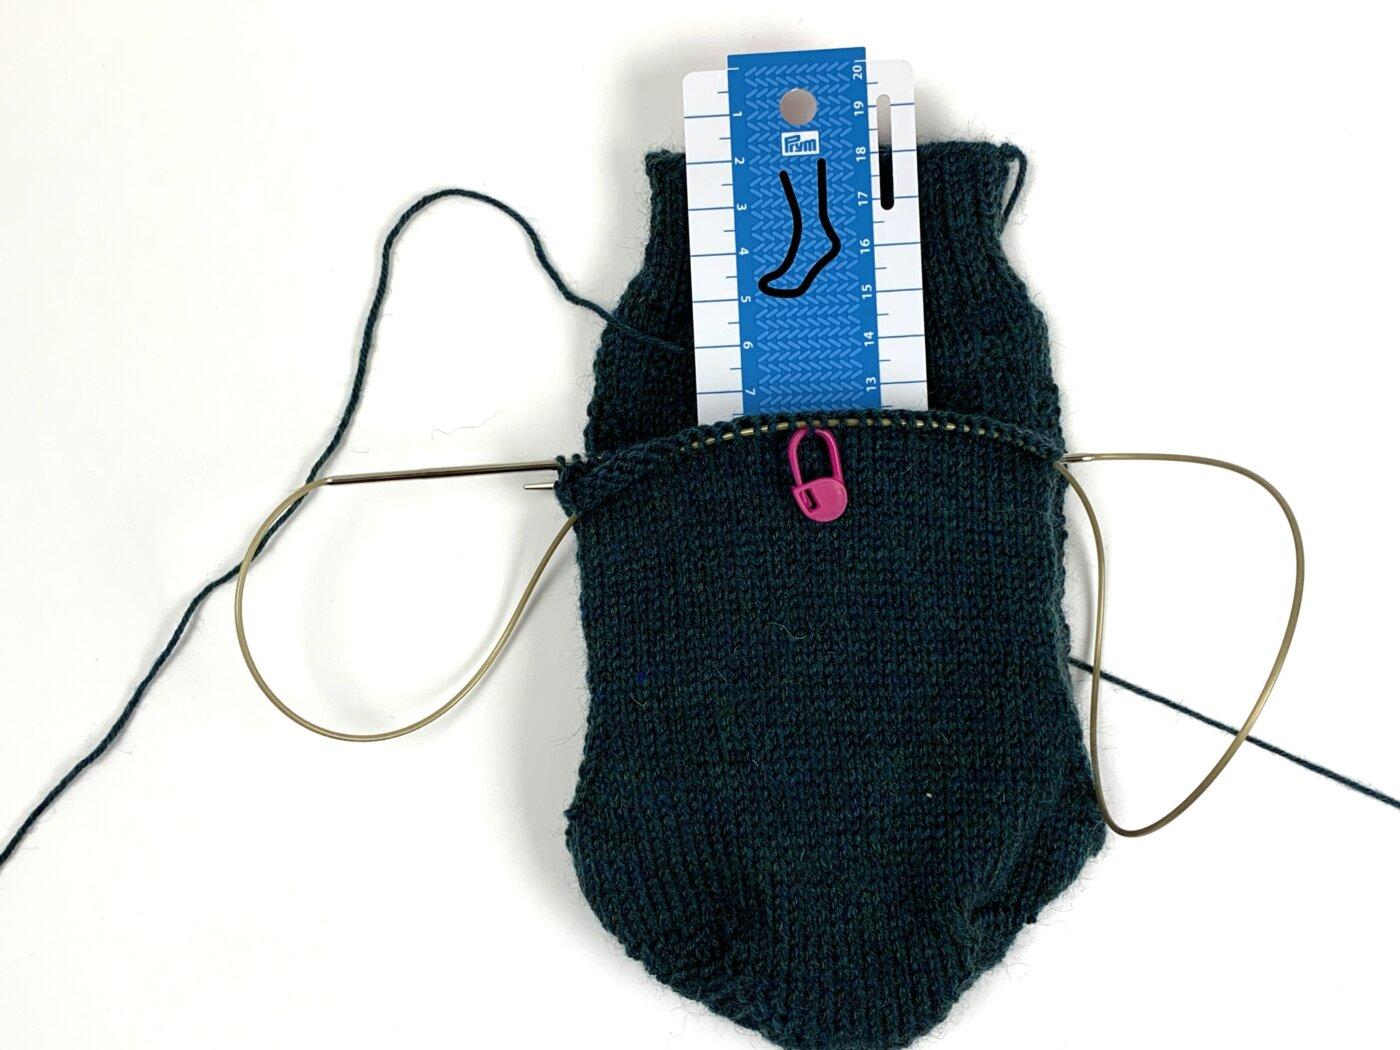 Maschenmarkierer als Hilfemittel zum Stricken größerer Socken